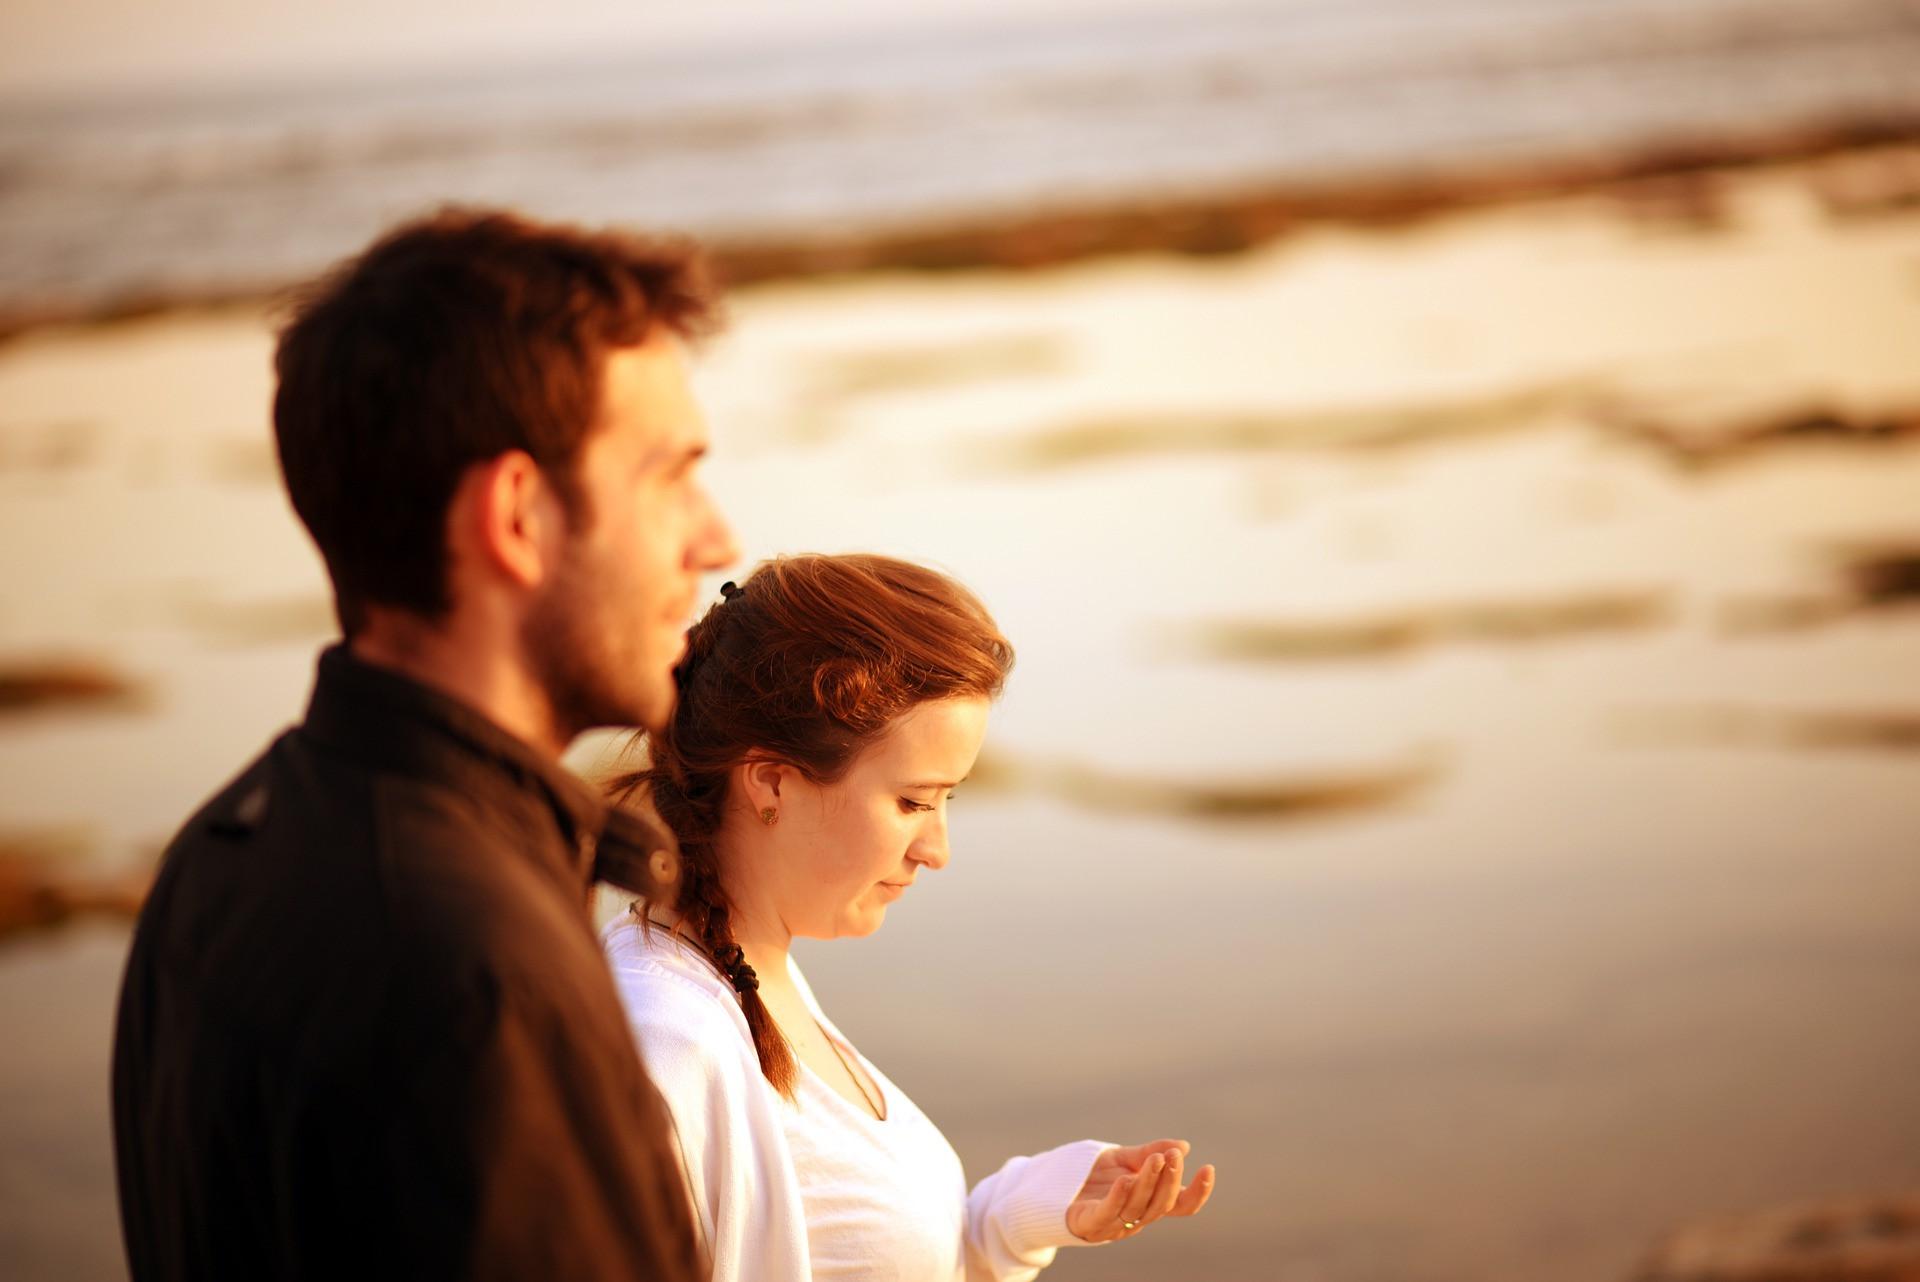 Awas, Ini 4 Tanda Suami Tertarik Pada Wanita Lain - JPNN.com